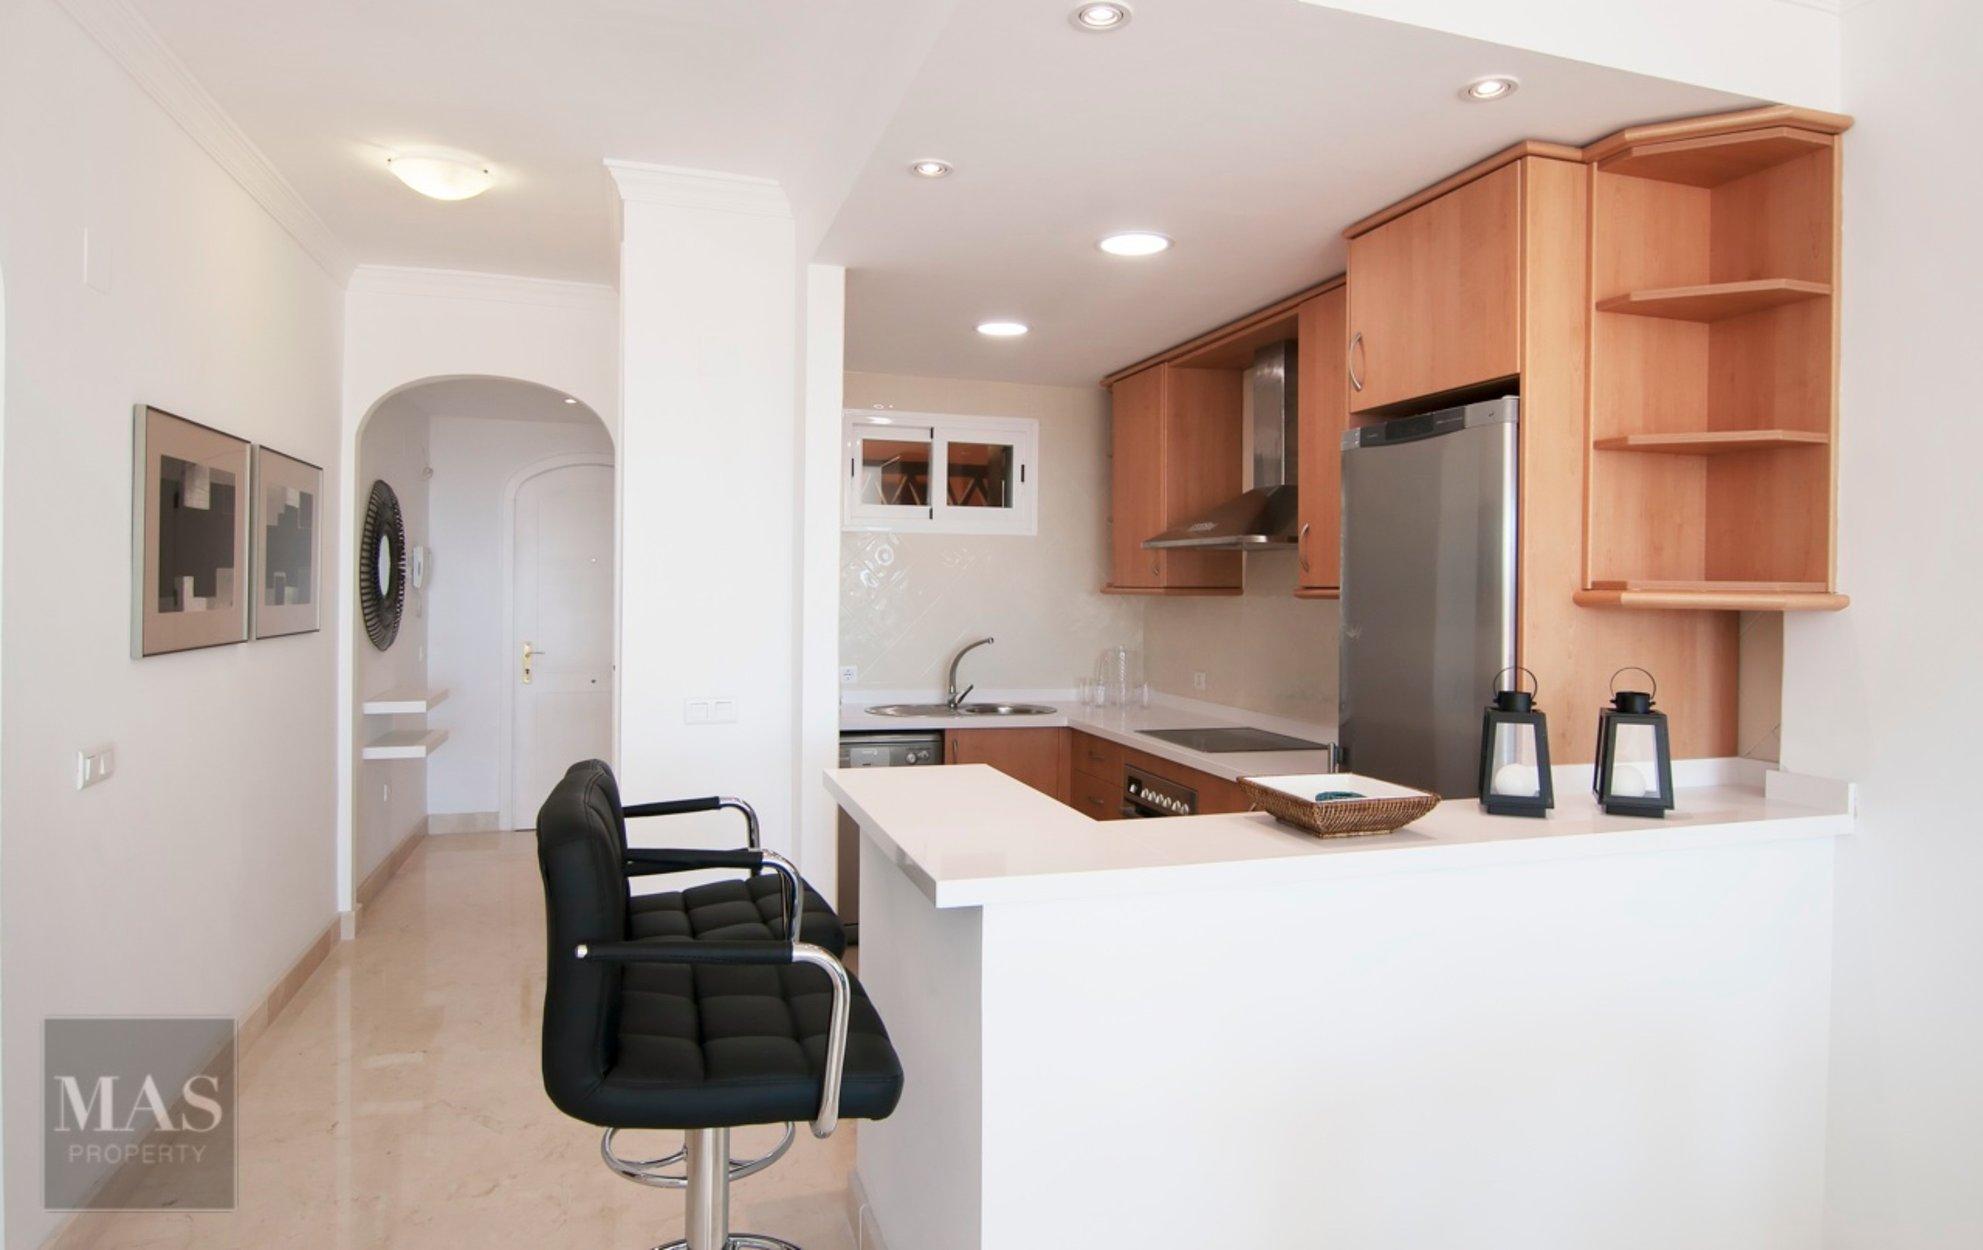 2 Bedroom, 2 Bathroom Apartment For Sale In Elviria, Marbella